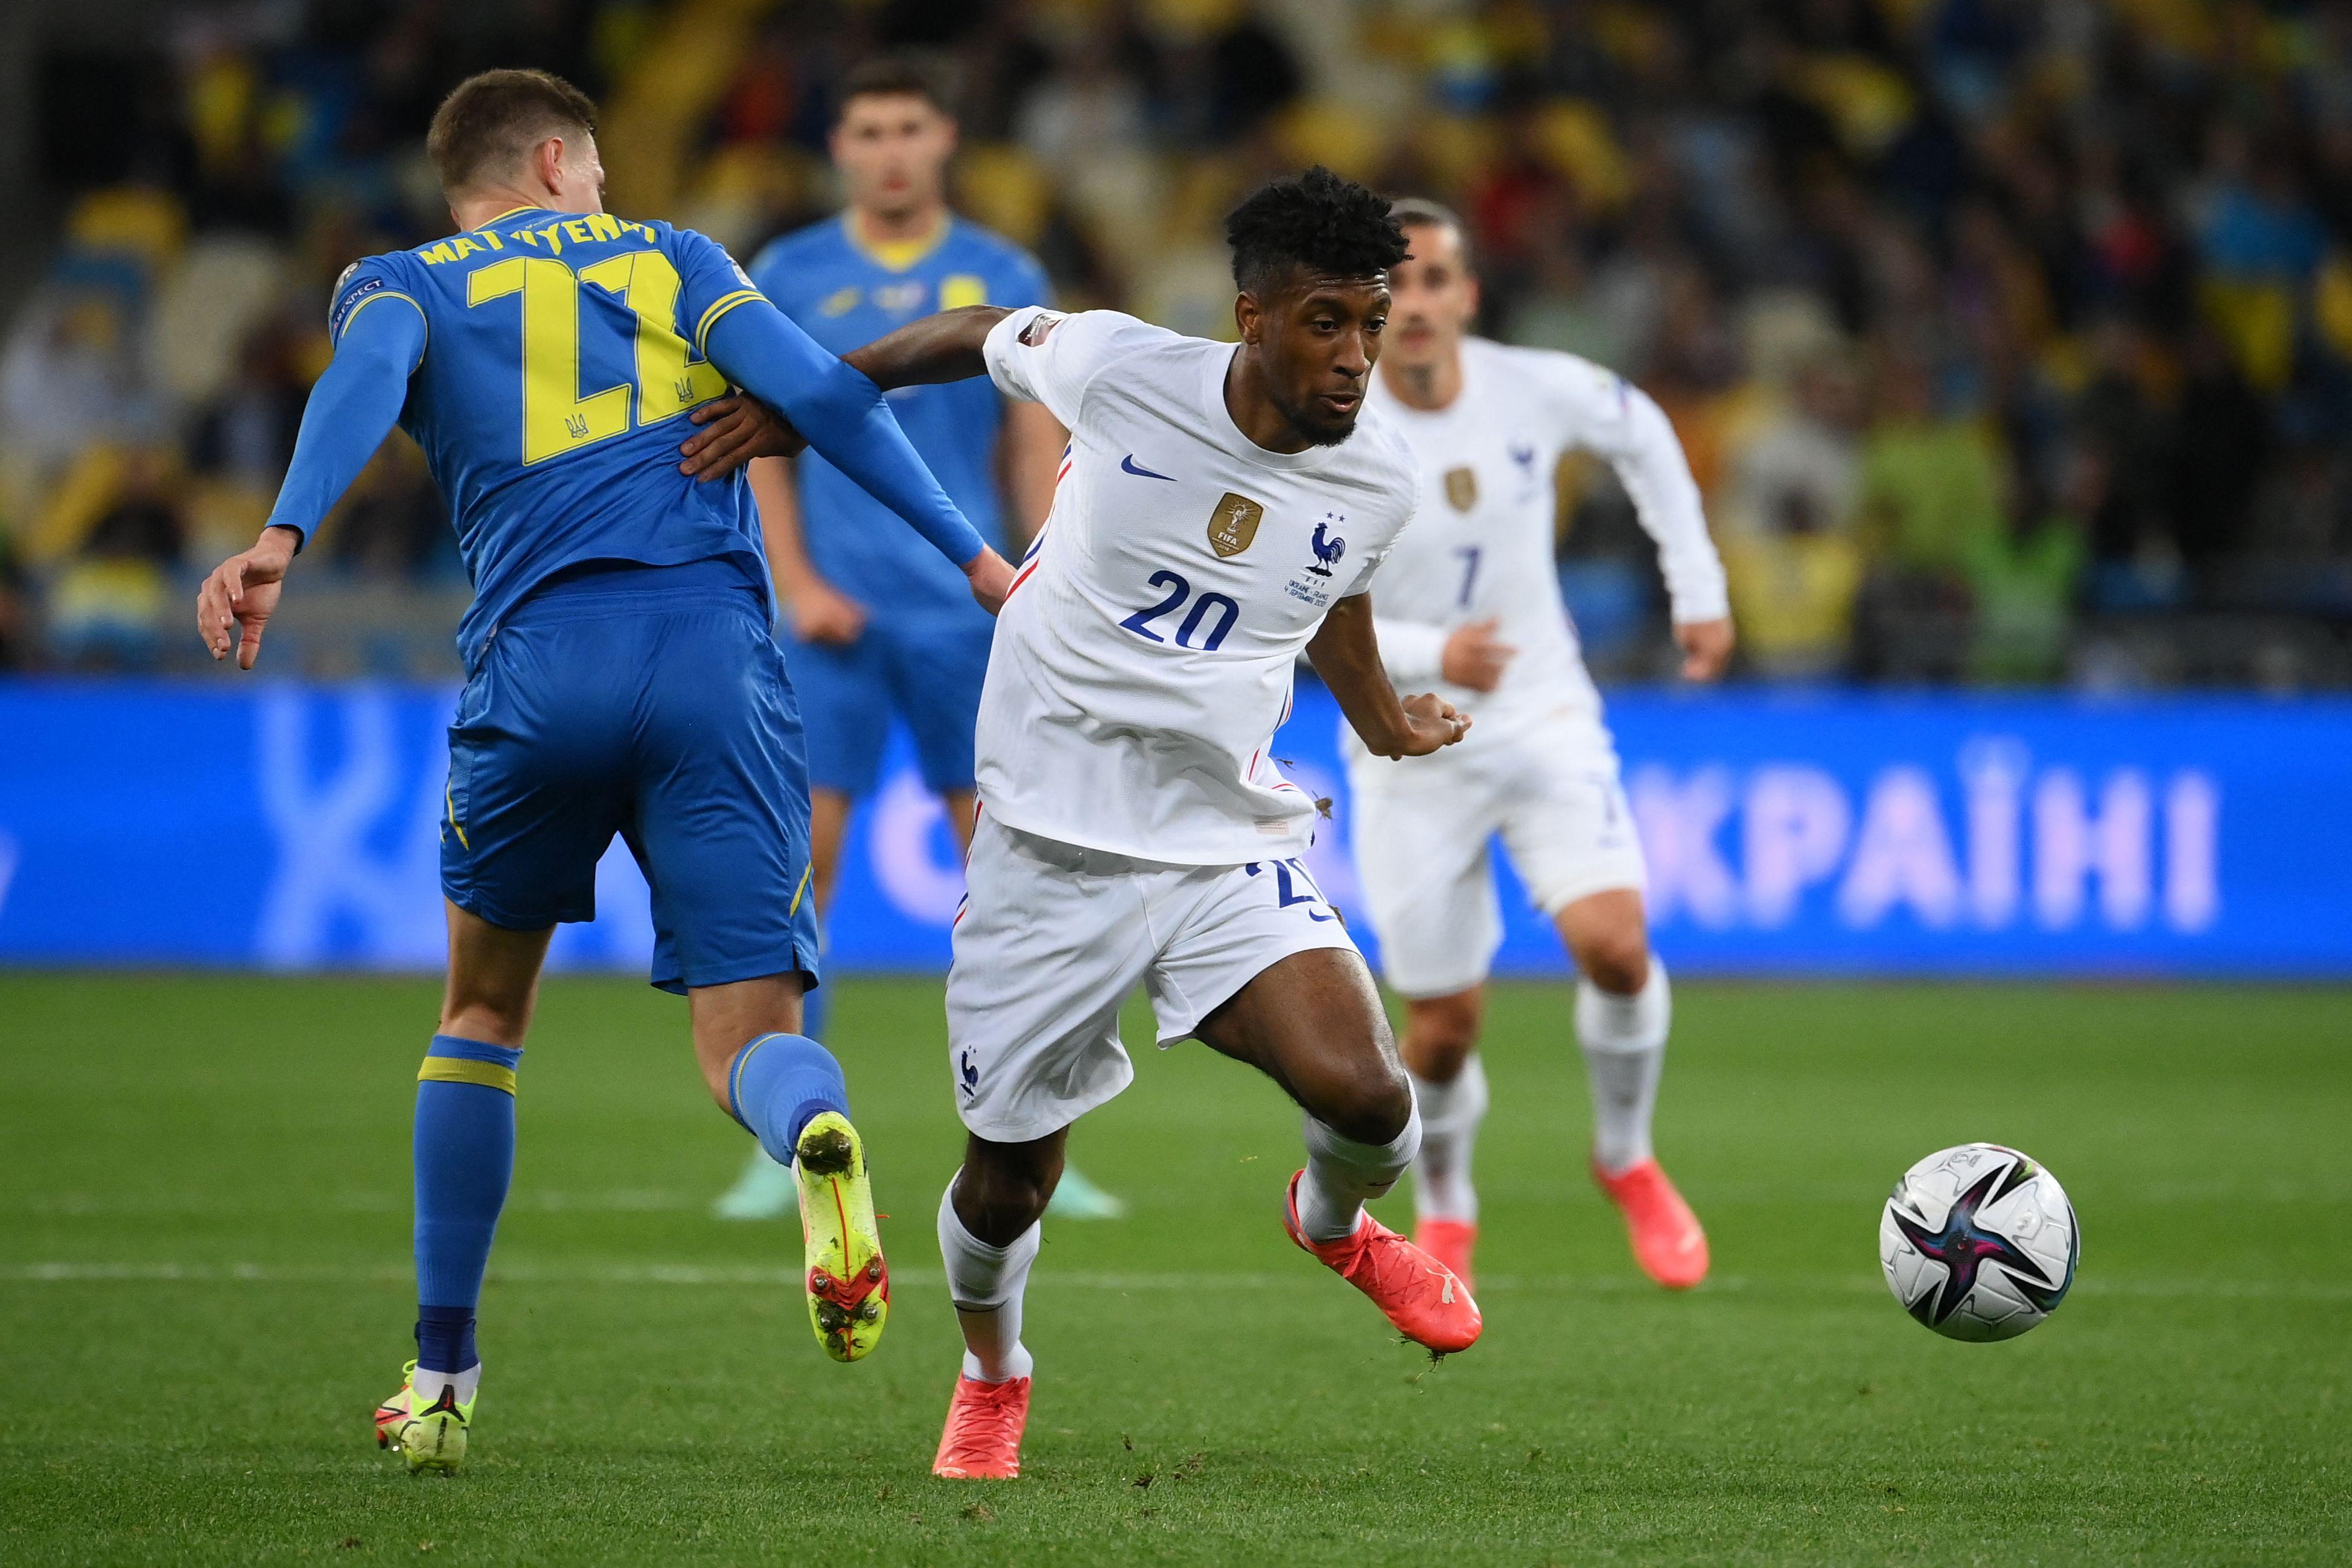 TOPSHOT-FBL-WC-2022-QUALIFIER-UKR-FRA